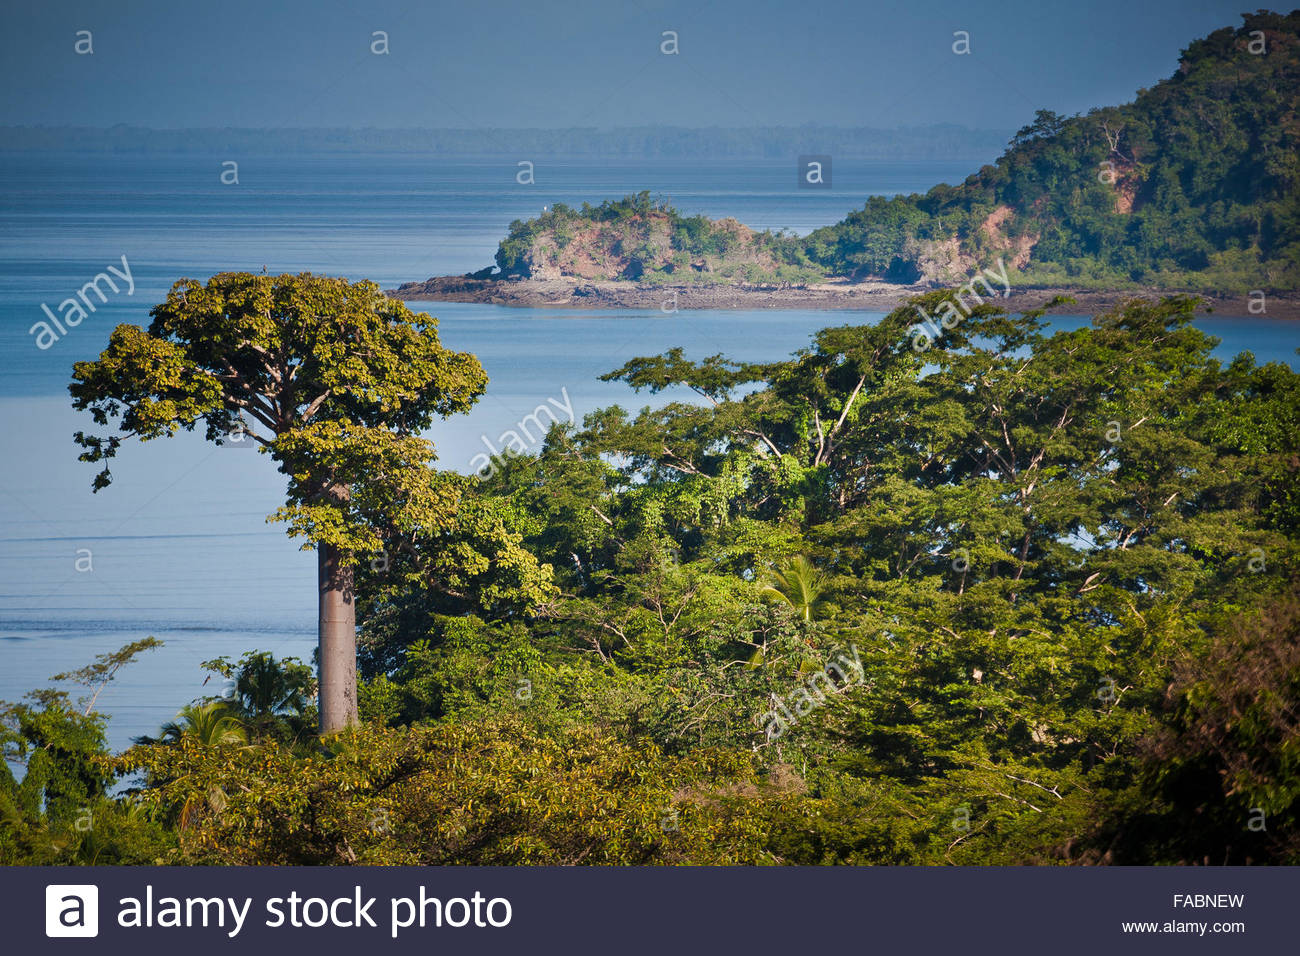 La foresta pluviale a Punta Patino riserva naturale, provincia di Darien, Repubblica di Panama. Immagini Stock